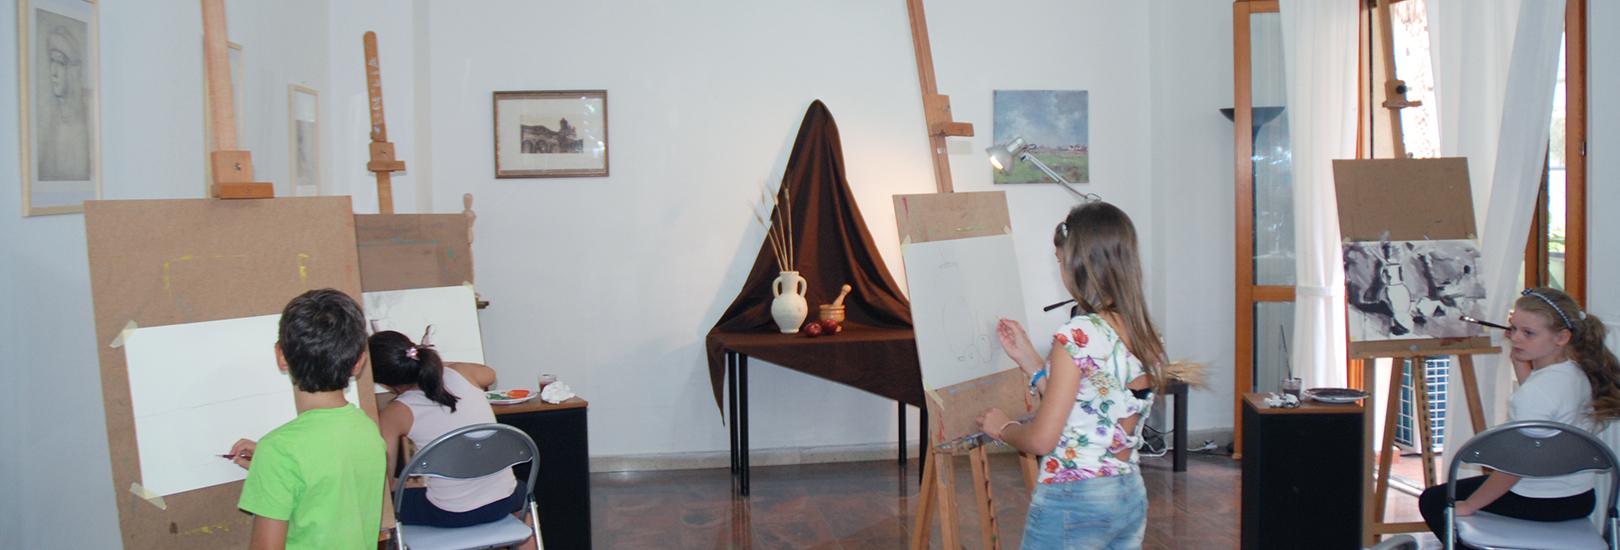 accademia-dei-piccoli-pittura-4